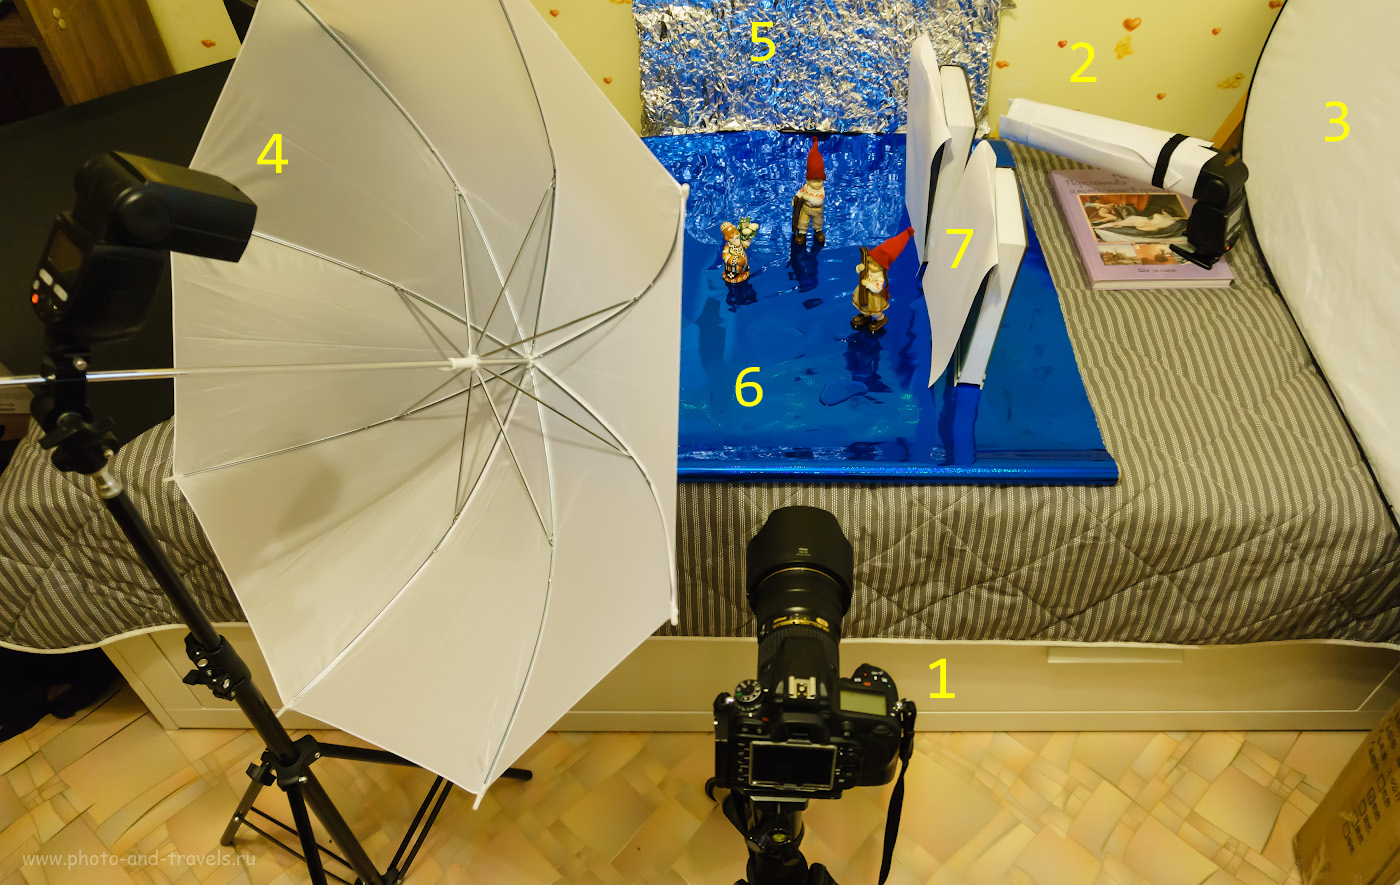 Фото 9. Студия для проверки качества картинки при съемке FX-тушкой и DX-объективом. Снято на Sony A6000 KIT 16-50mm f/3.5-5.6 с рук, без использования вспышки. 1/60, +0.7, 3.5, 2500, 16.